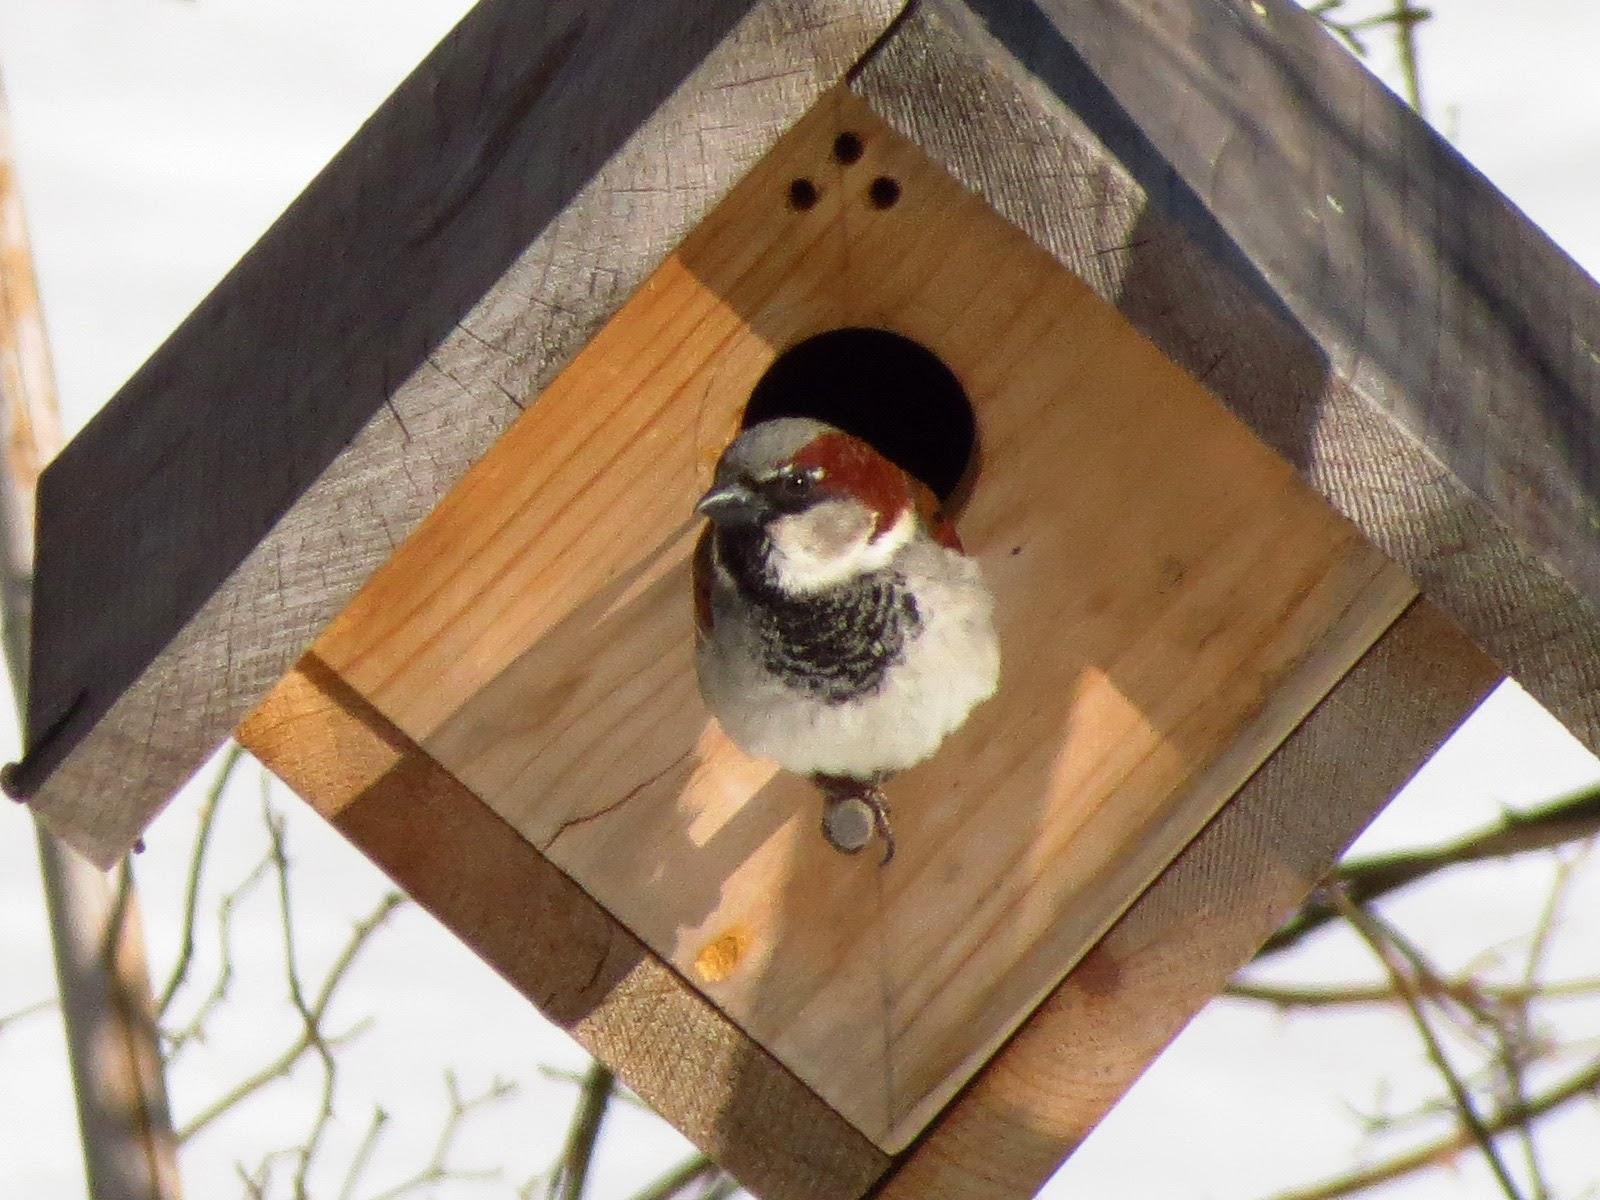 house sparrow on bird house